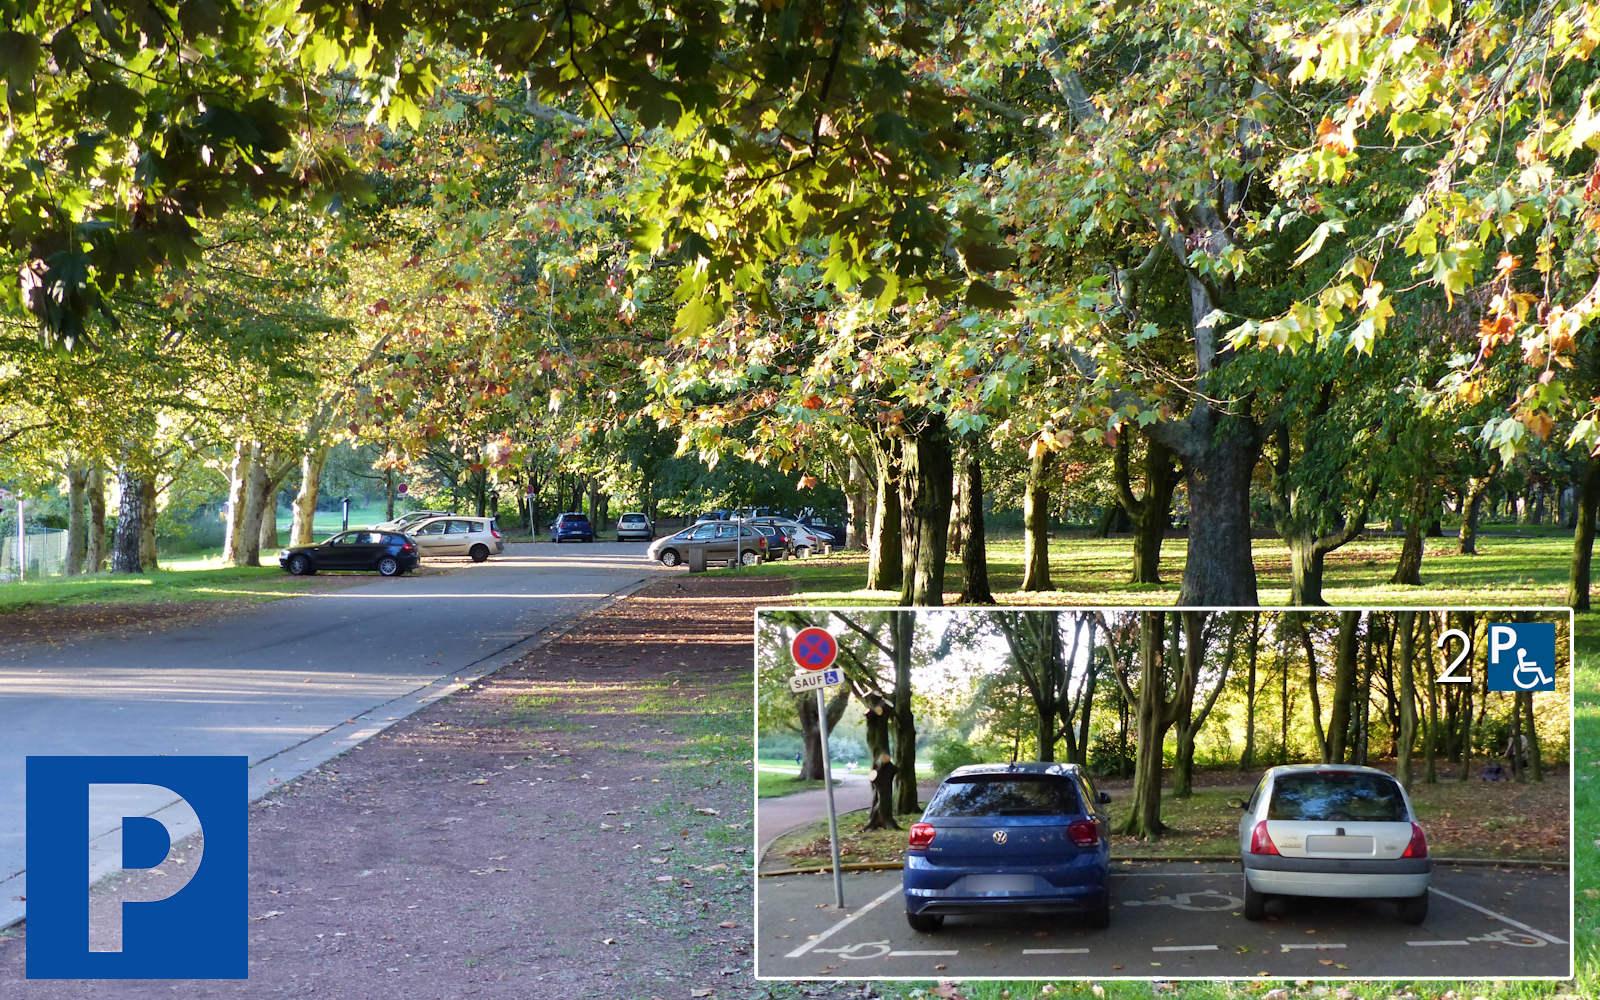 Parc de l'Yser Tourcoing - Parking